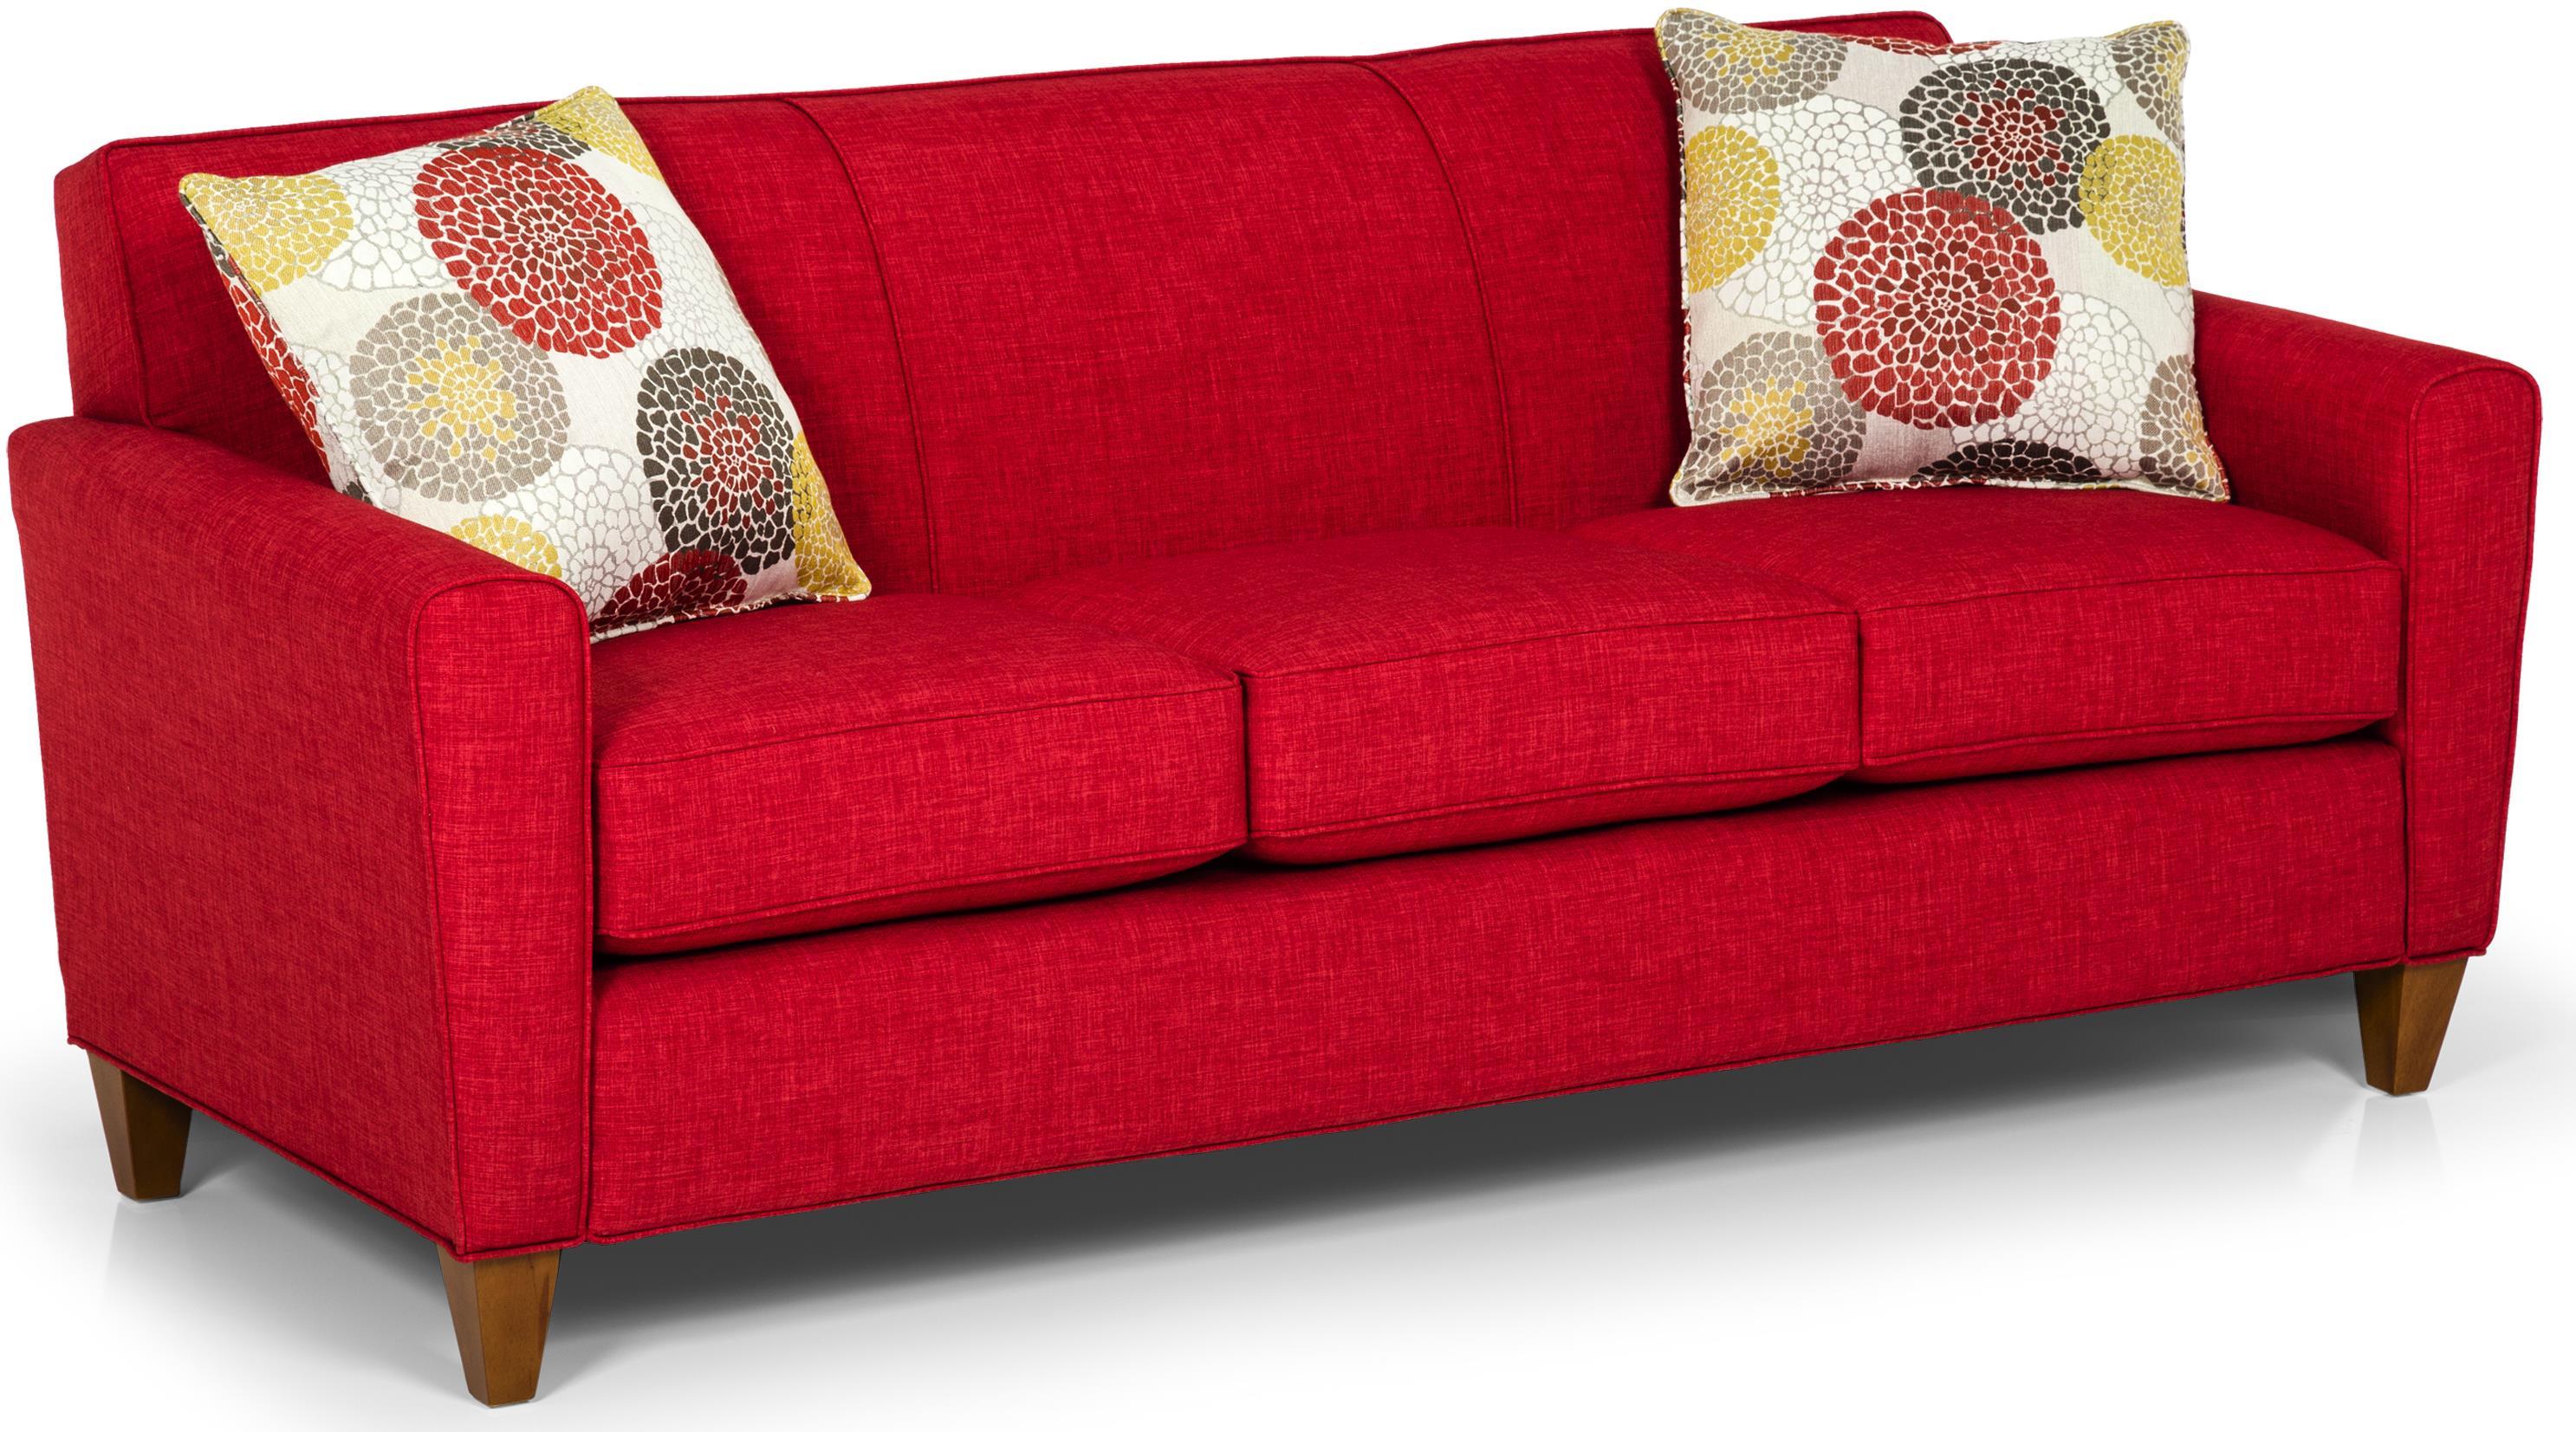 Stanton 298 Sofa - Item Number: 298-01